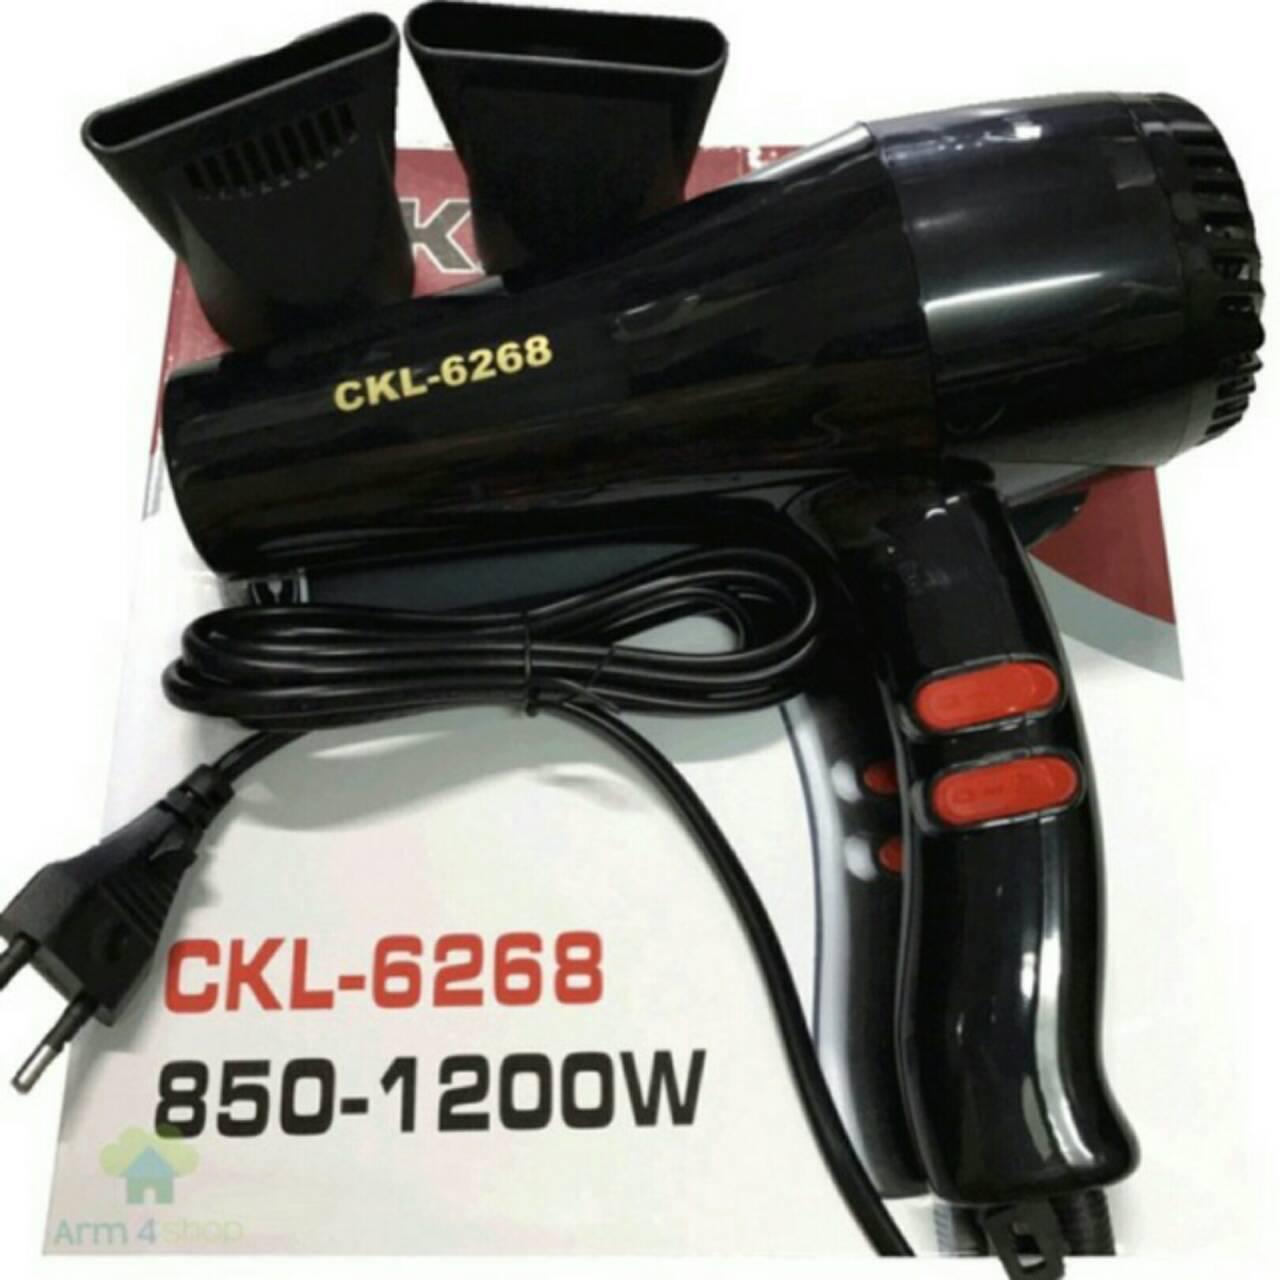 ไดร์เป่าผม รุ่น6268 ยี่ห้อ CKL หรือ JMF คละสี .1200w